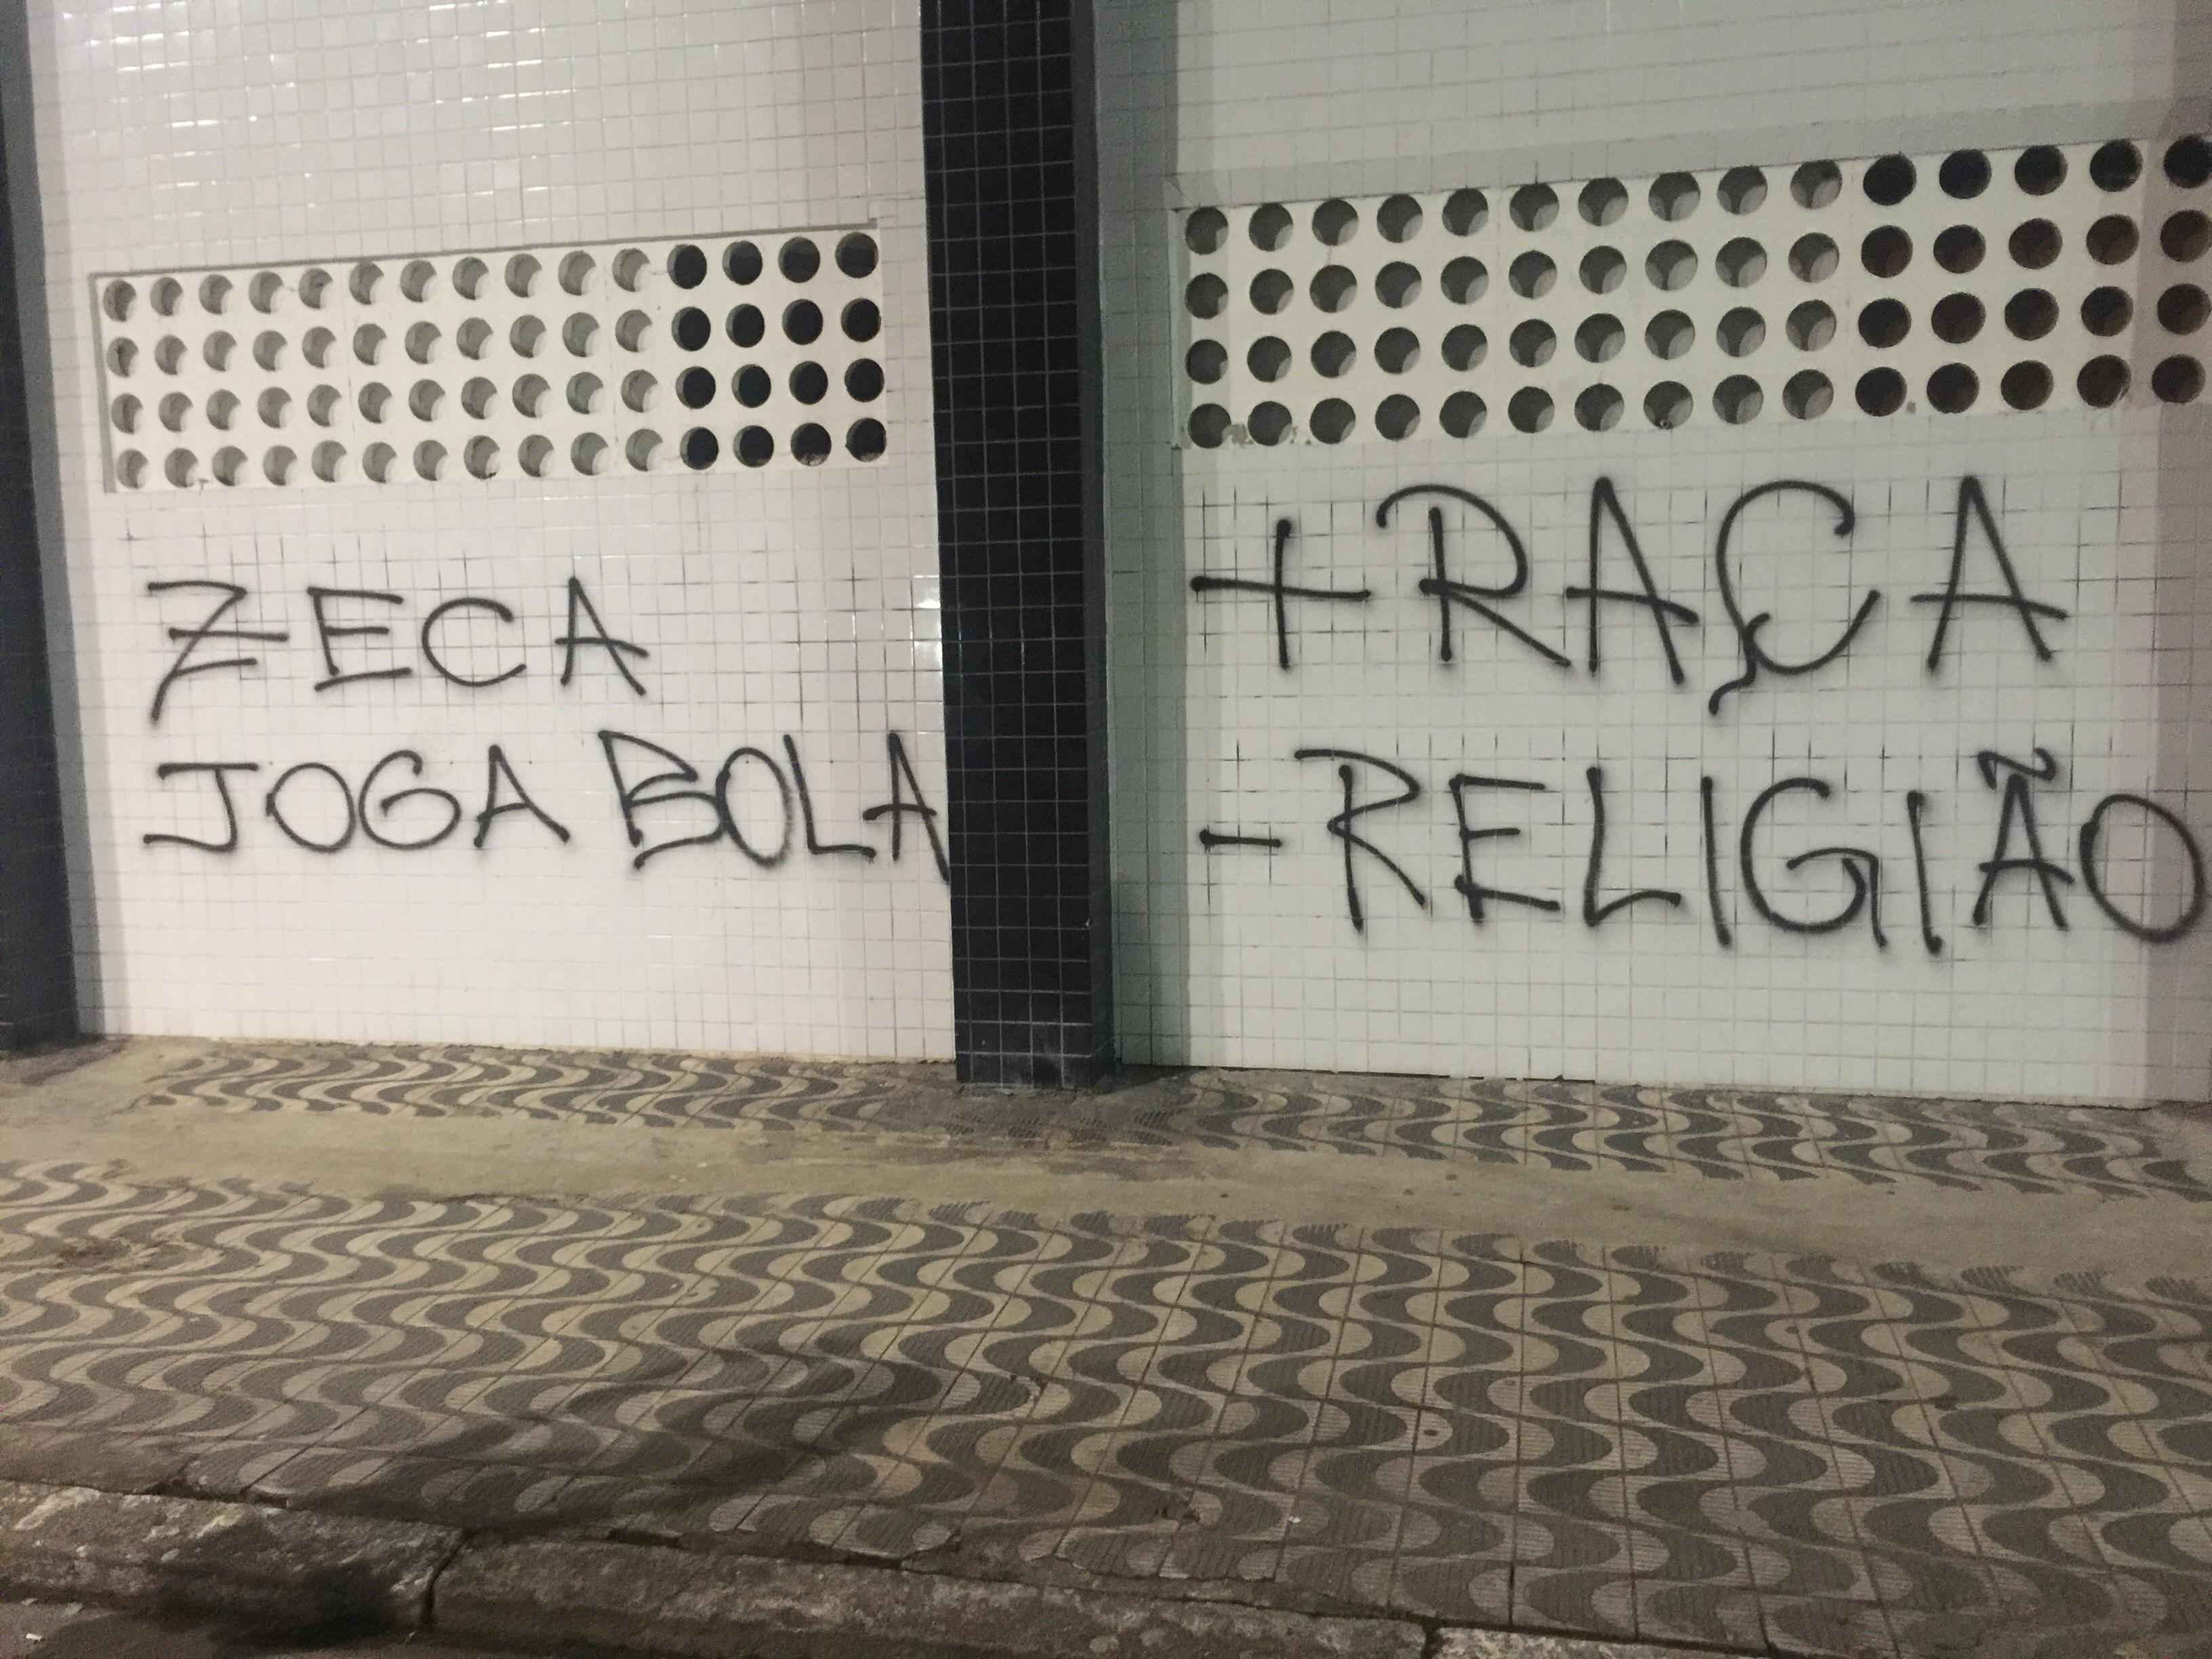 Muro da Vila Belmiro é pichado após derrota para o Palmeiras em clássico 6ad4caaaf6720